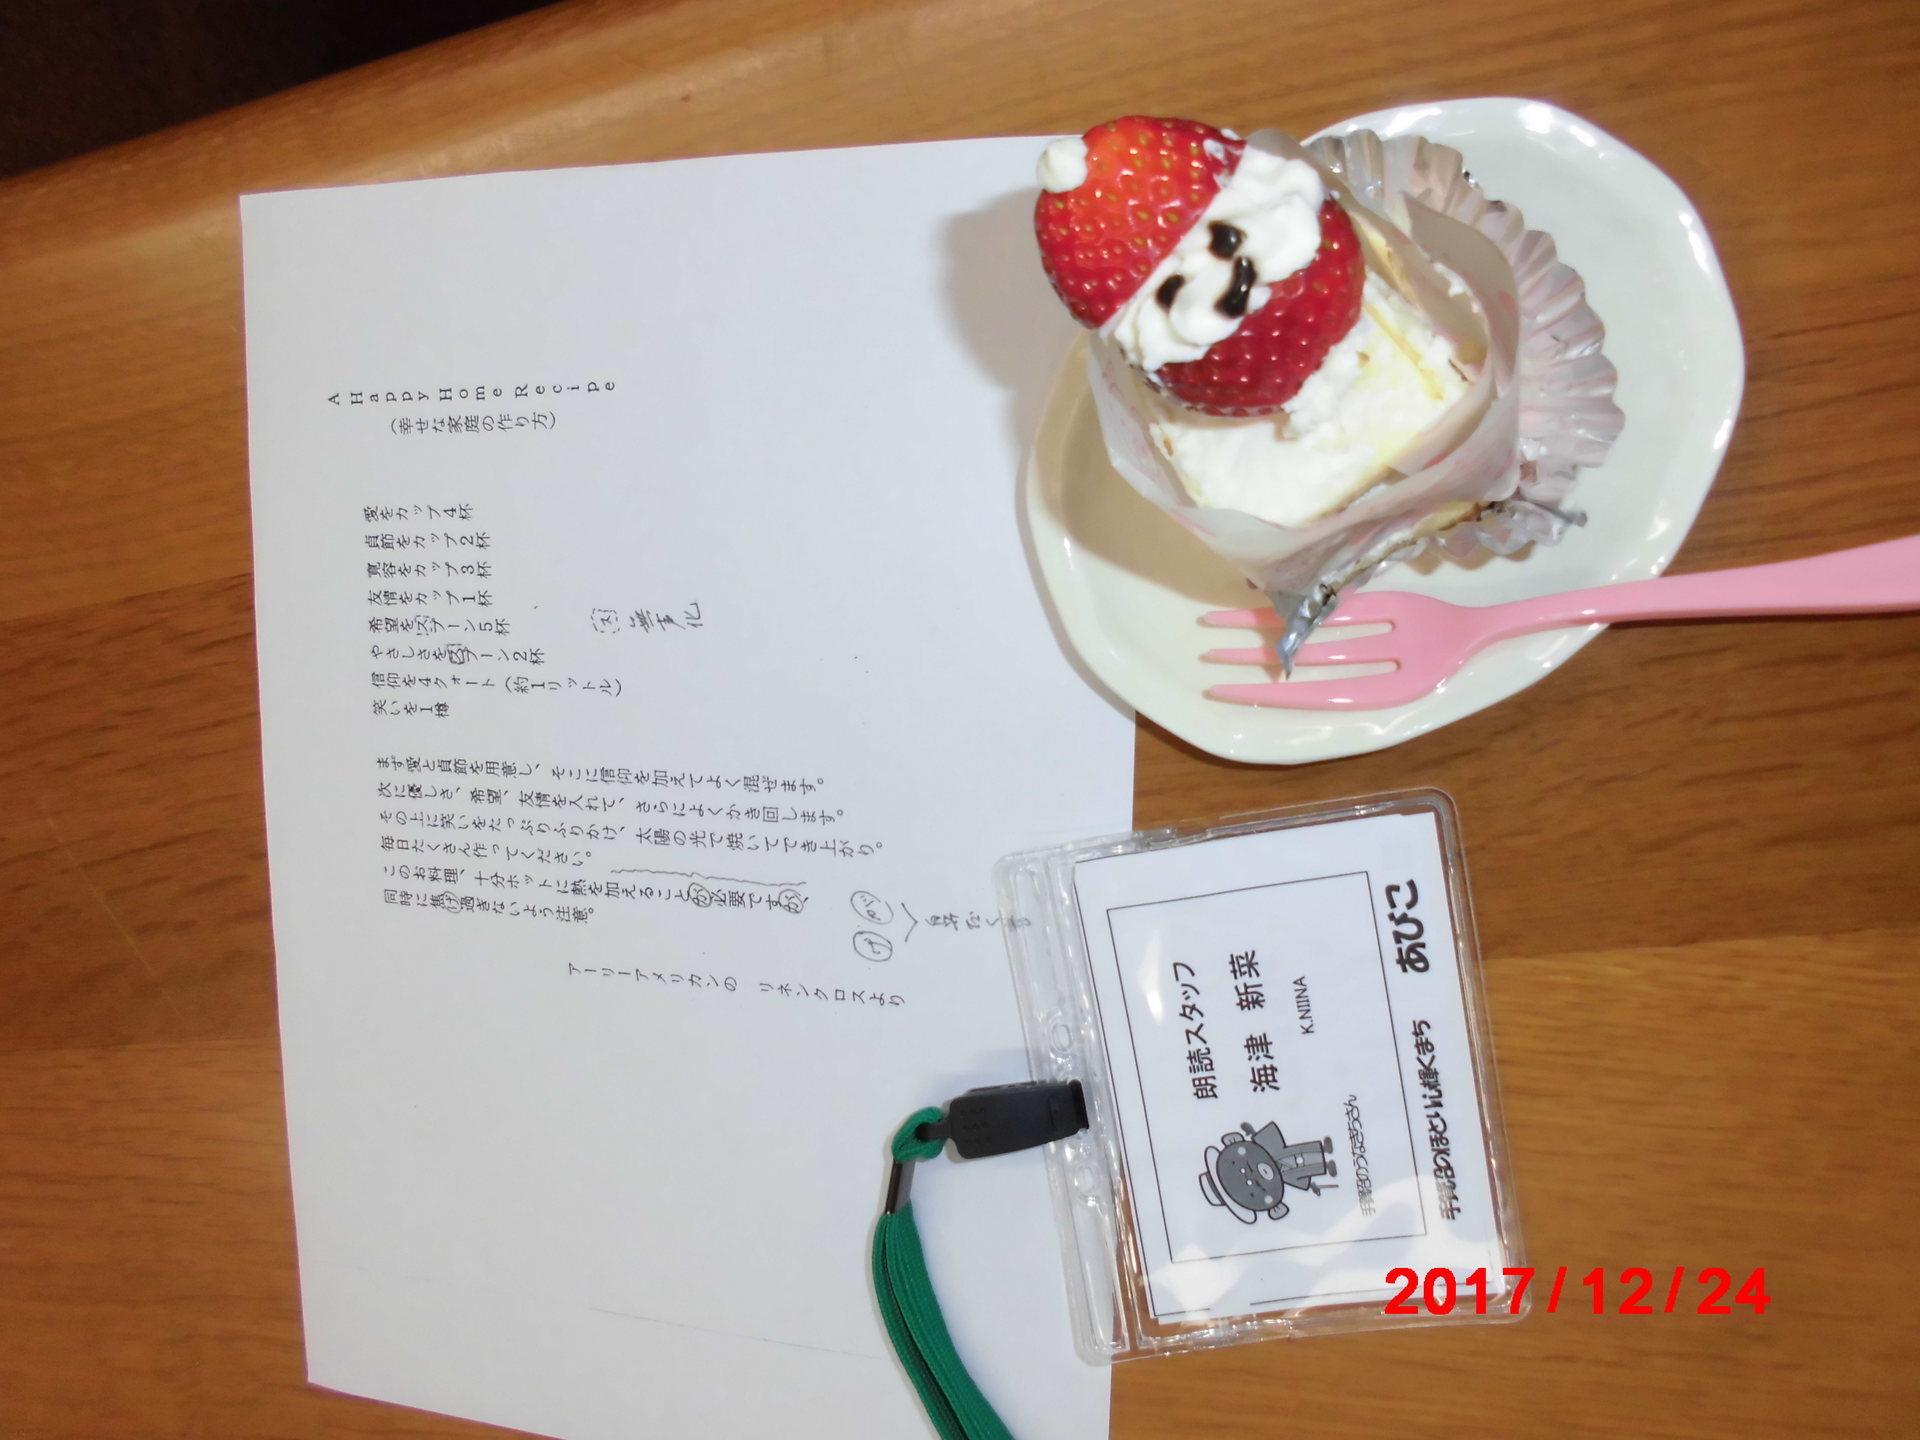 CIMG3058.JPG